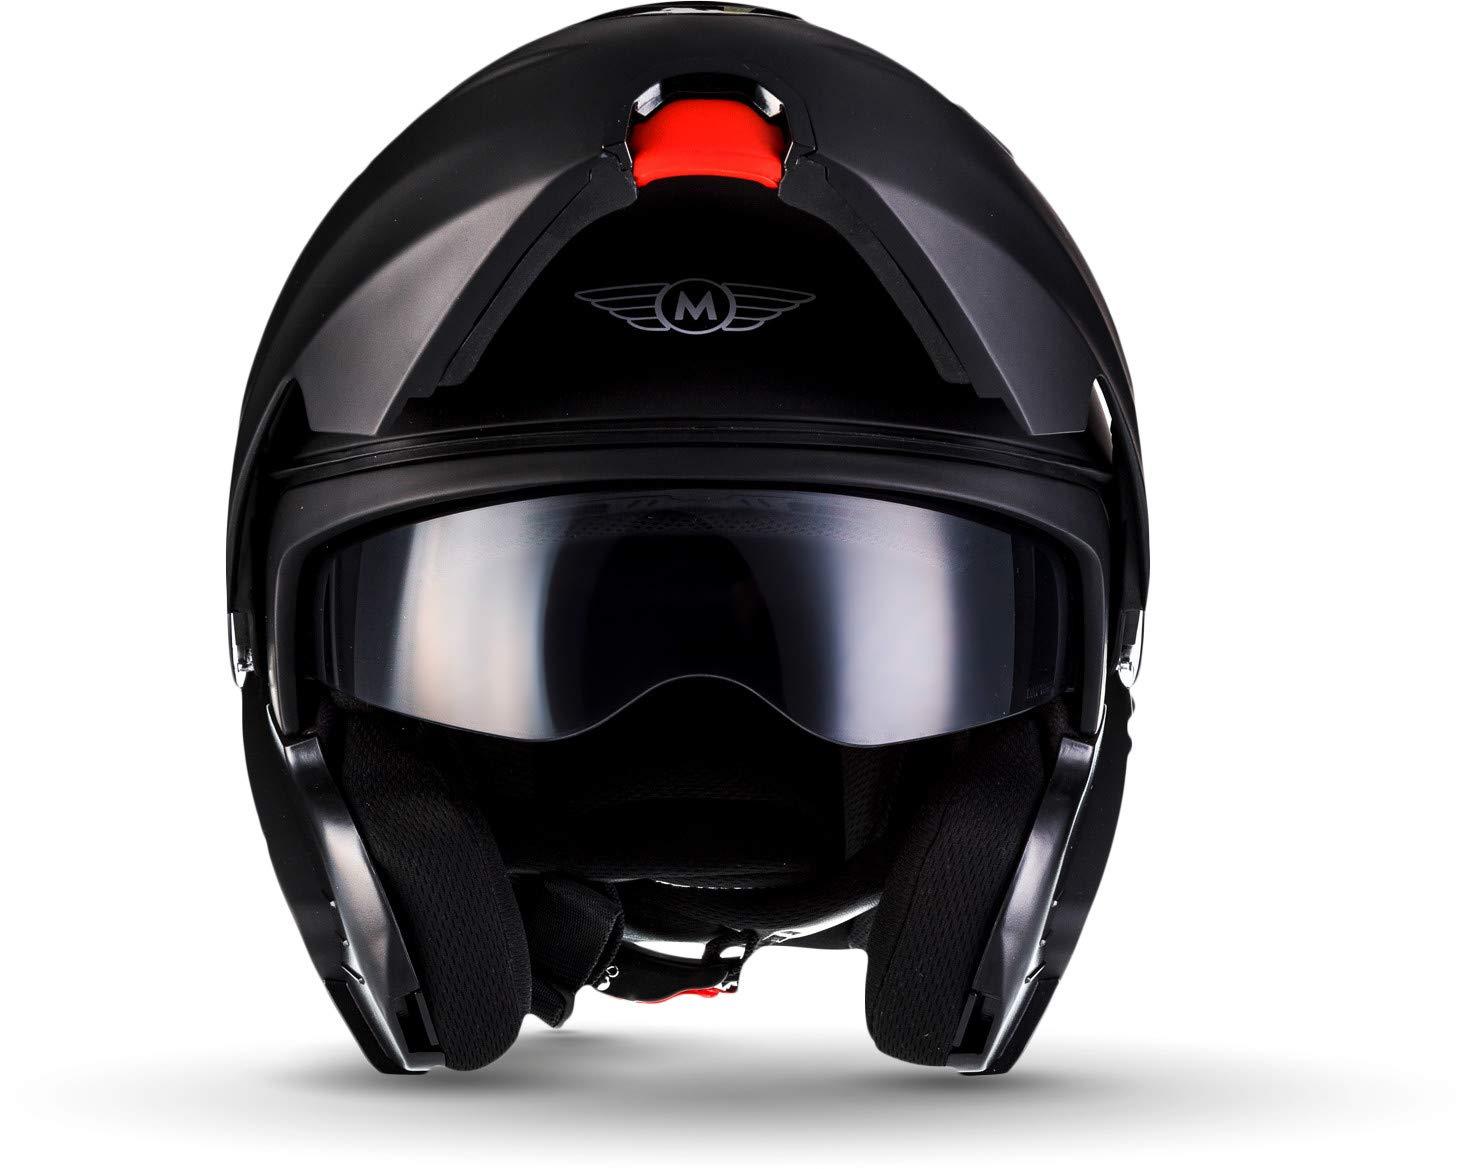 MOTO F19 Matt Black /· Scooter-Helmet Cruiser Moto-Helmet Street Flip-Up Helmet Full-Face Helmet Modular-Helmet Motorcycle-Helmet Scooter-Helmet /· ECE certified /· incl two Visors /· incl 57-5 Cloth Bag /· Black /· M